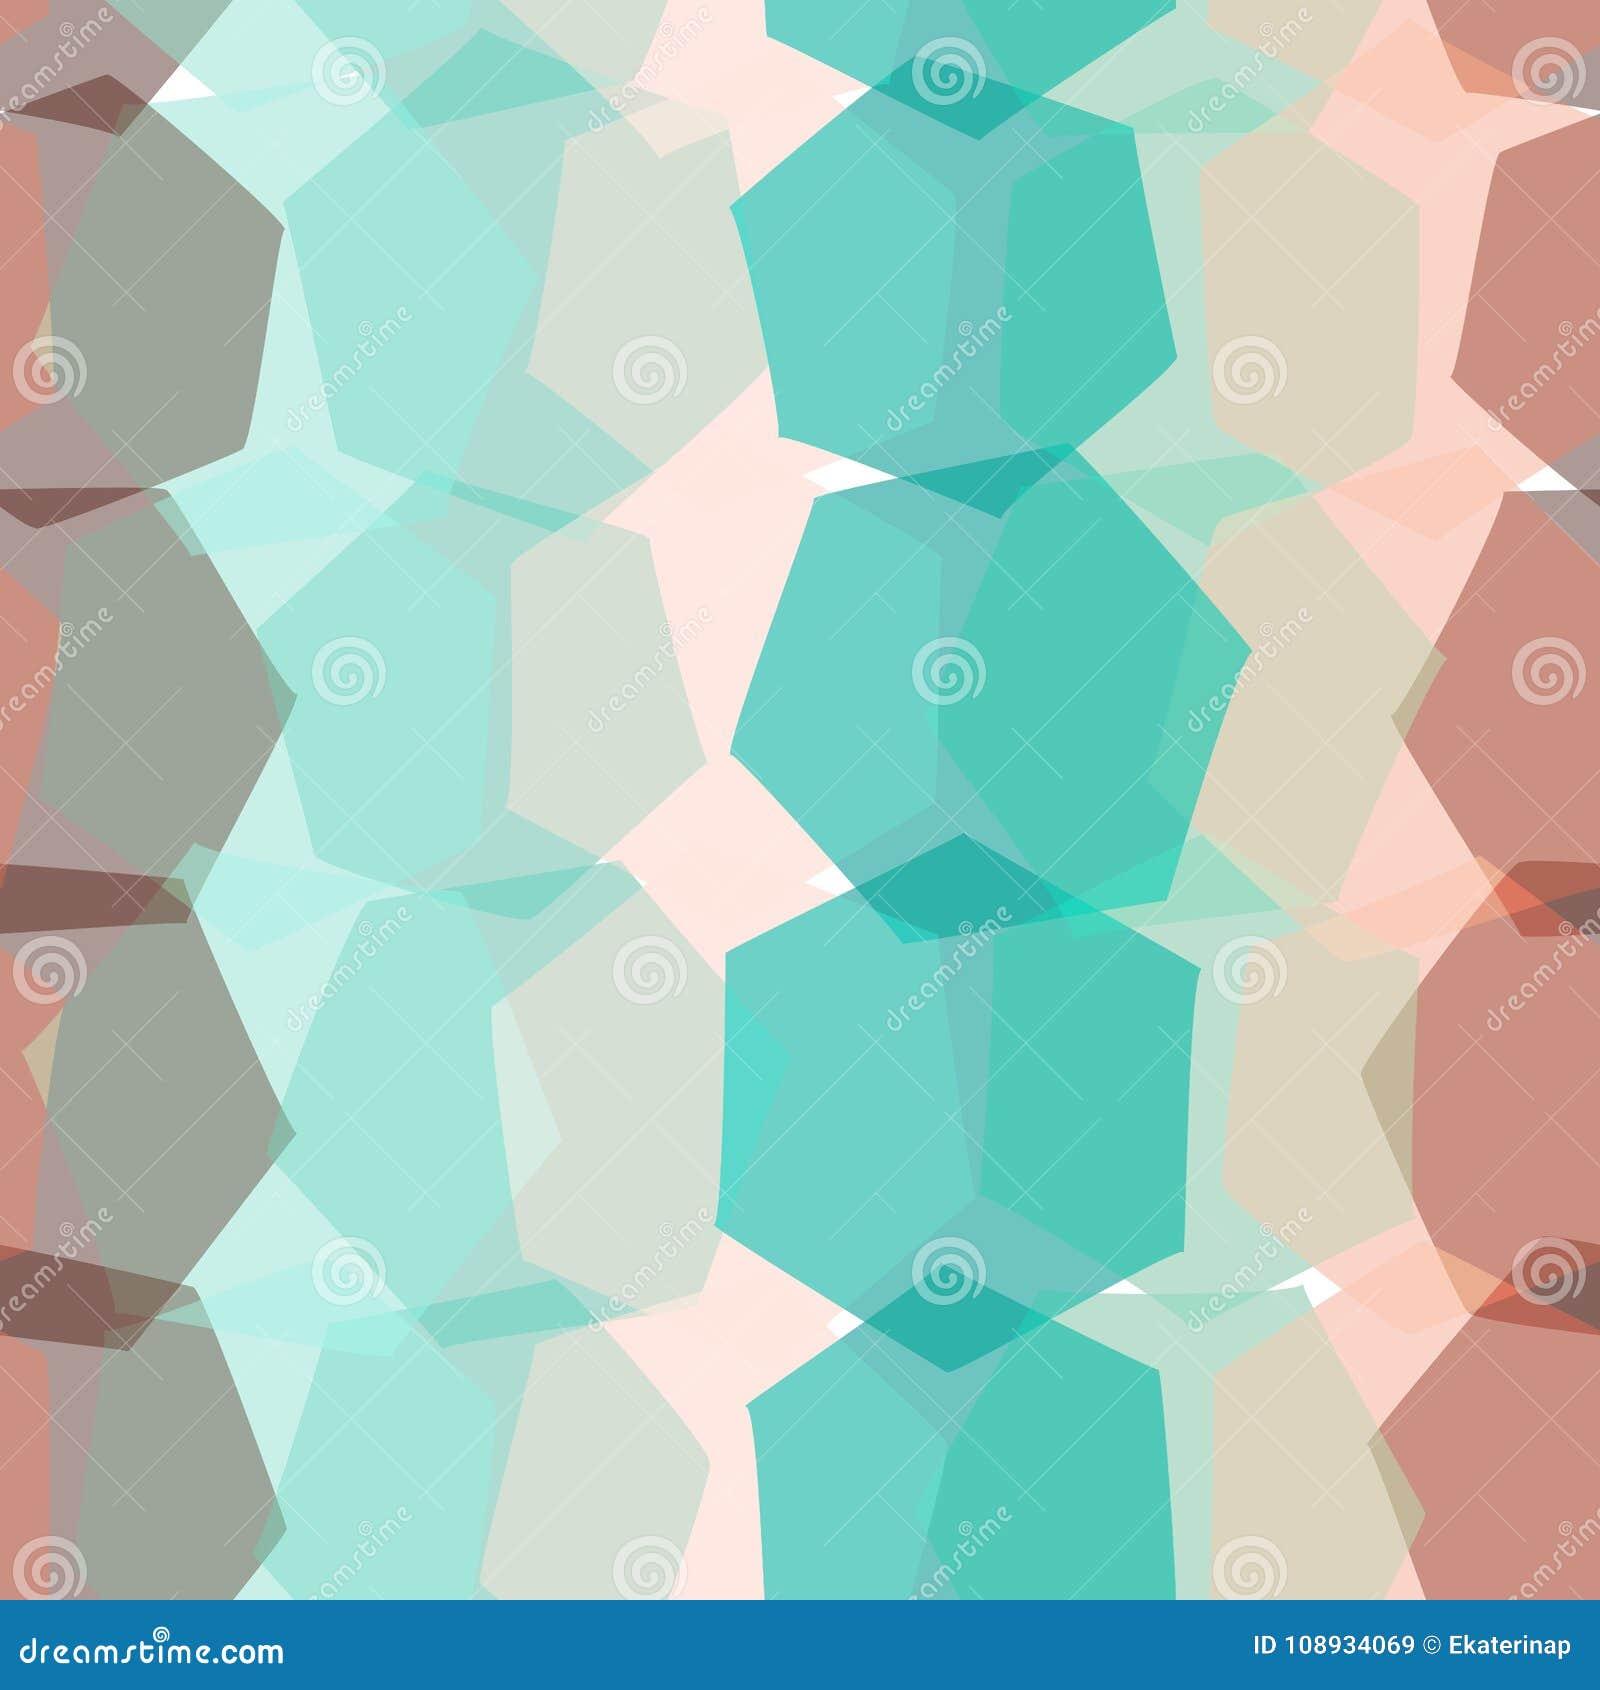 Configuration sans joint copie beige bleue rose orange brune, fond abstrait géométrique à la mode moderne de contexte ethnique de